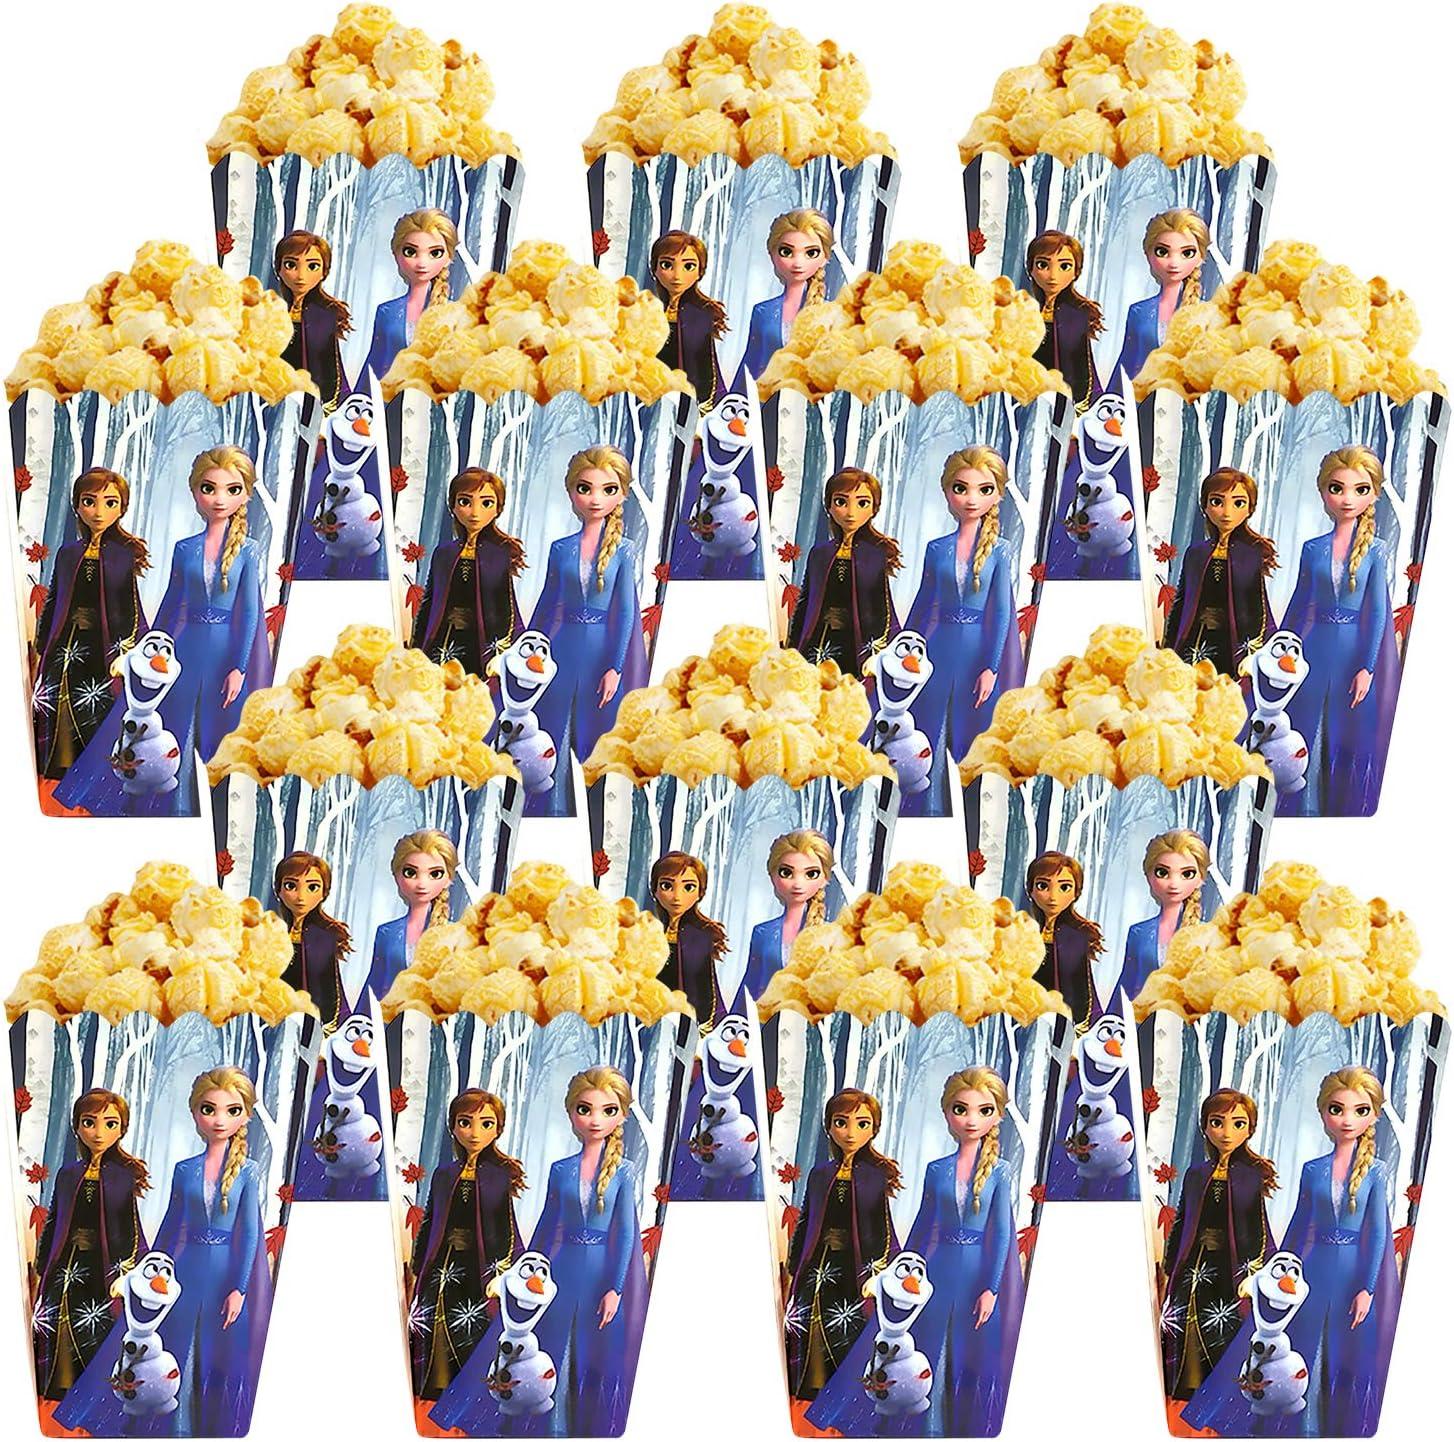 Qemsele Bolsas de Palomitas de maíz, 30 Cajas de Palomitas de maíz contenedores de Palomitas de maíz para Fiestas de cumpleaños, Noches de Cine, ...